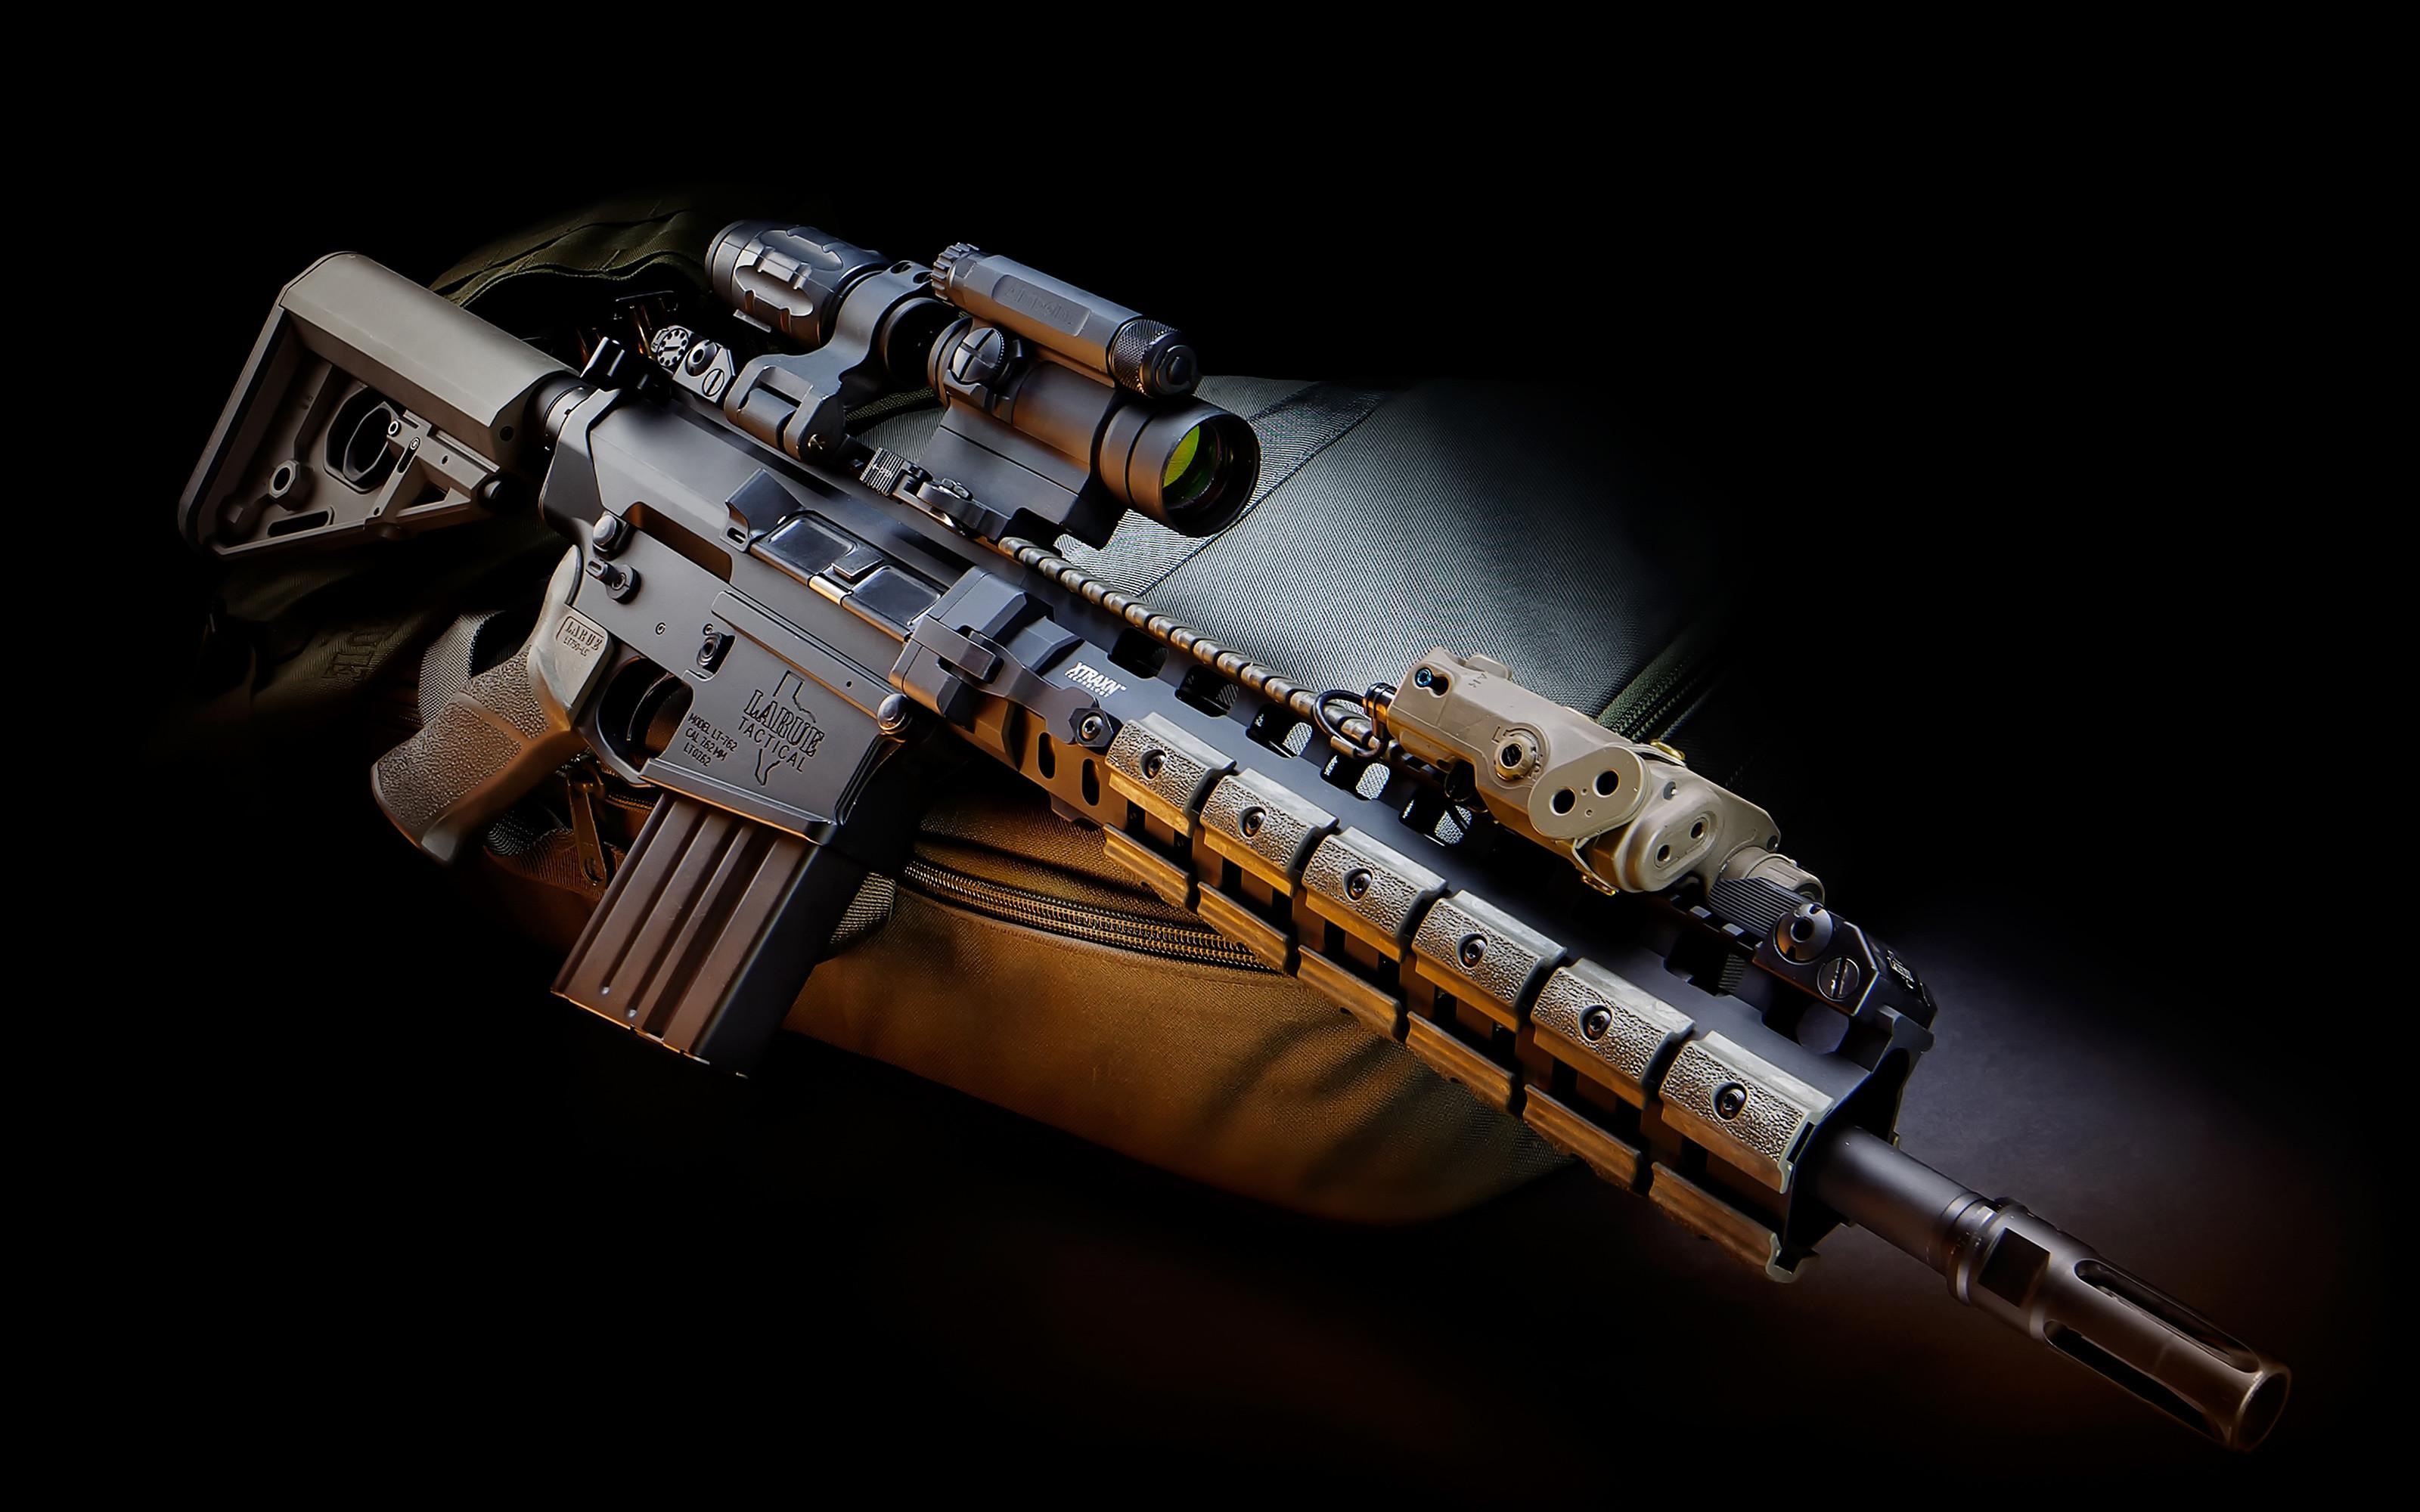 assault rifle wallpaper   Gun scope laser system assault rifle military  wallpaper   .